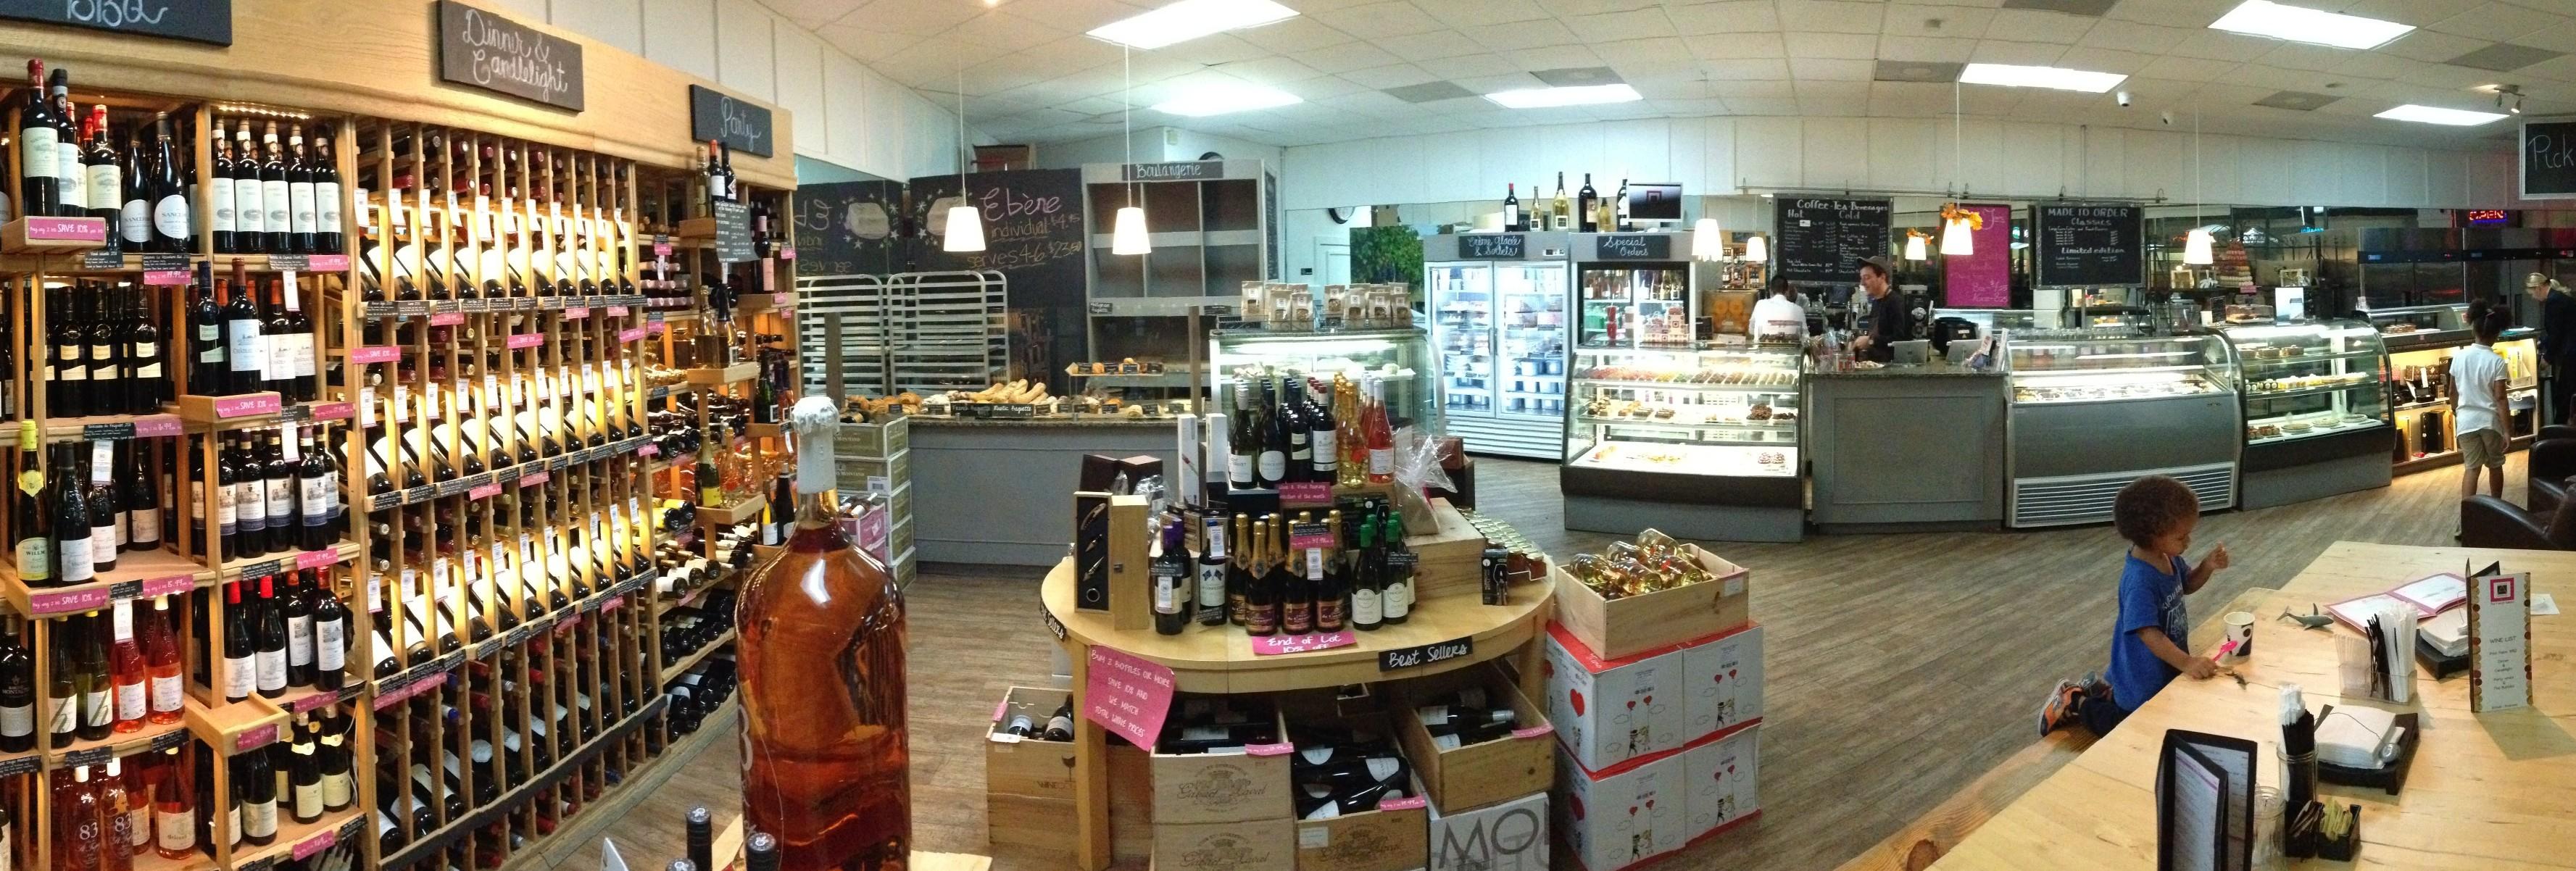 Atelier Monnier Pinecrest Boutique 9563 S Dixie Hwy, Pinecrest, FL 33156